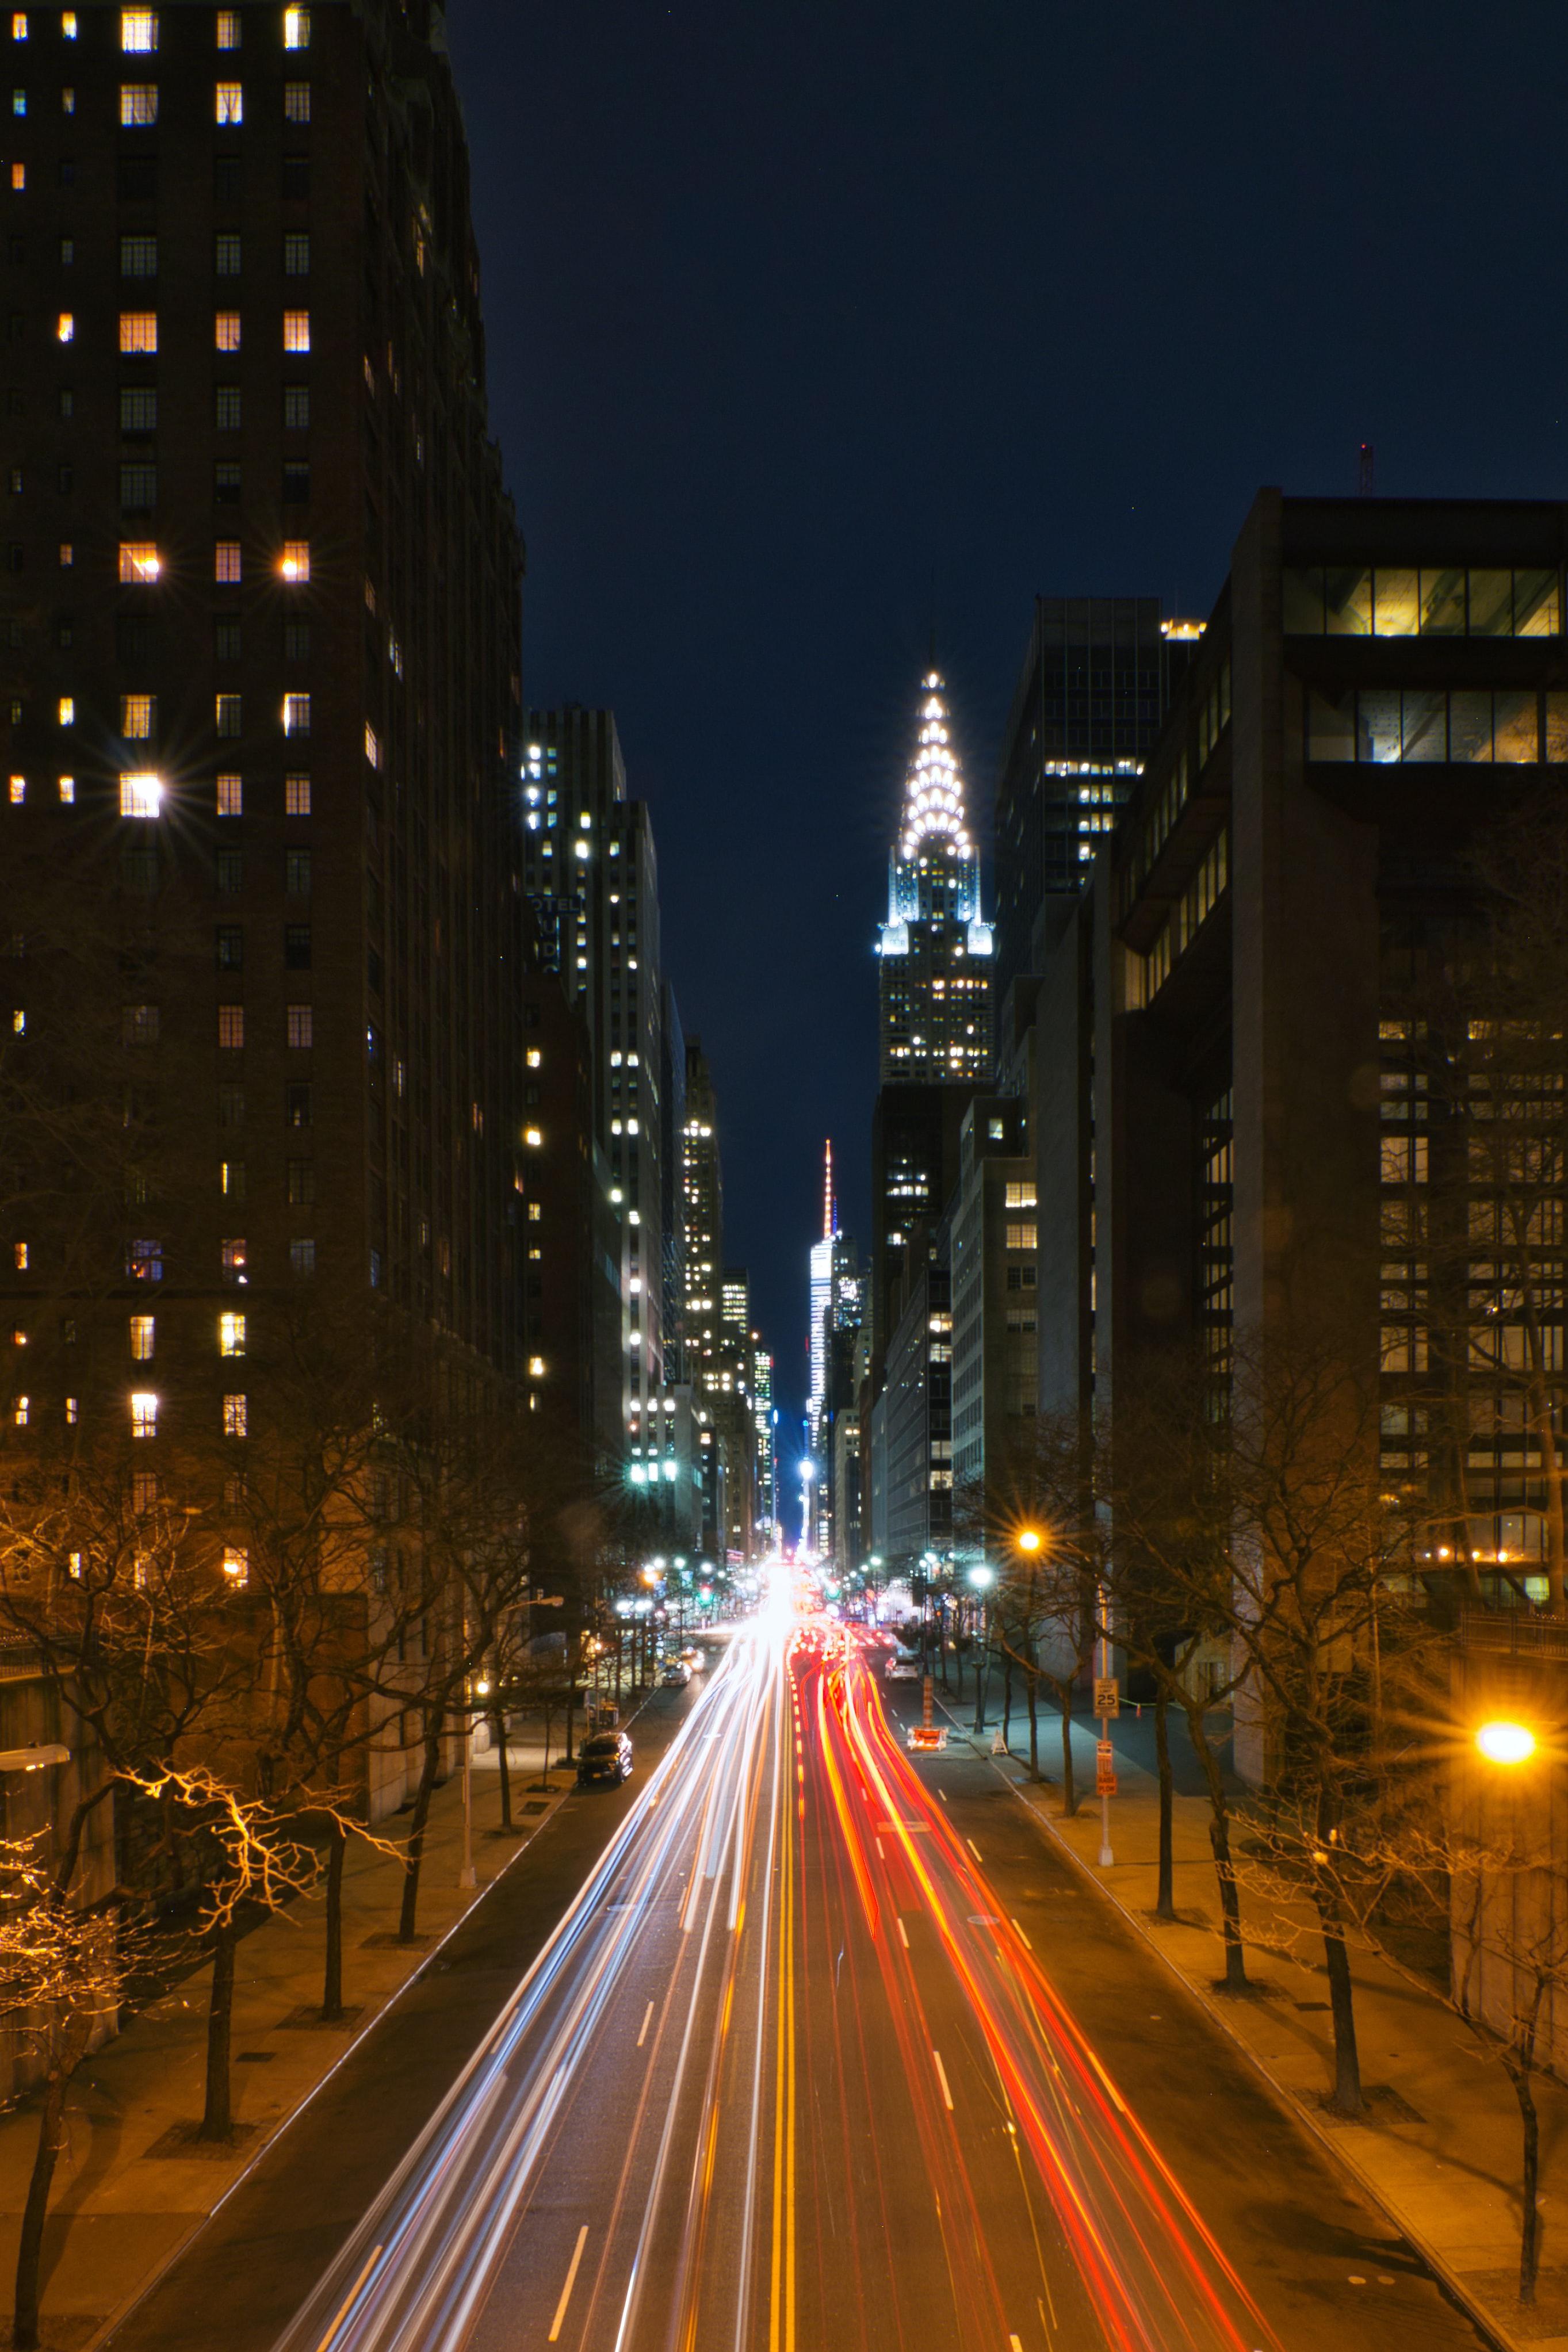 112363 скачать обои Города, Улицы, Дорога, Линии, Длинная Выдержка, Ночной Город - заставки и картинки бесплатно